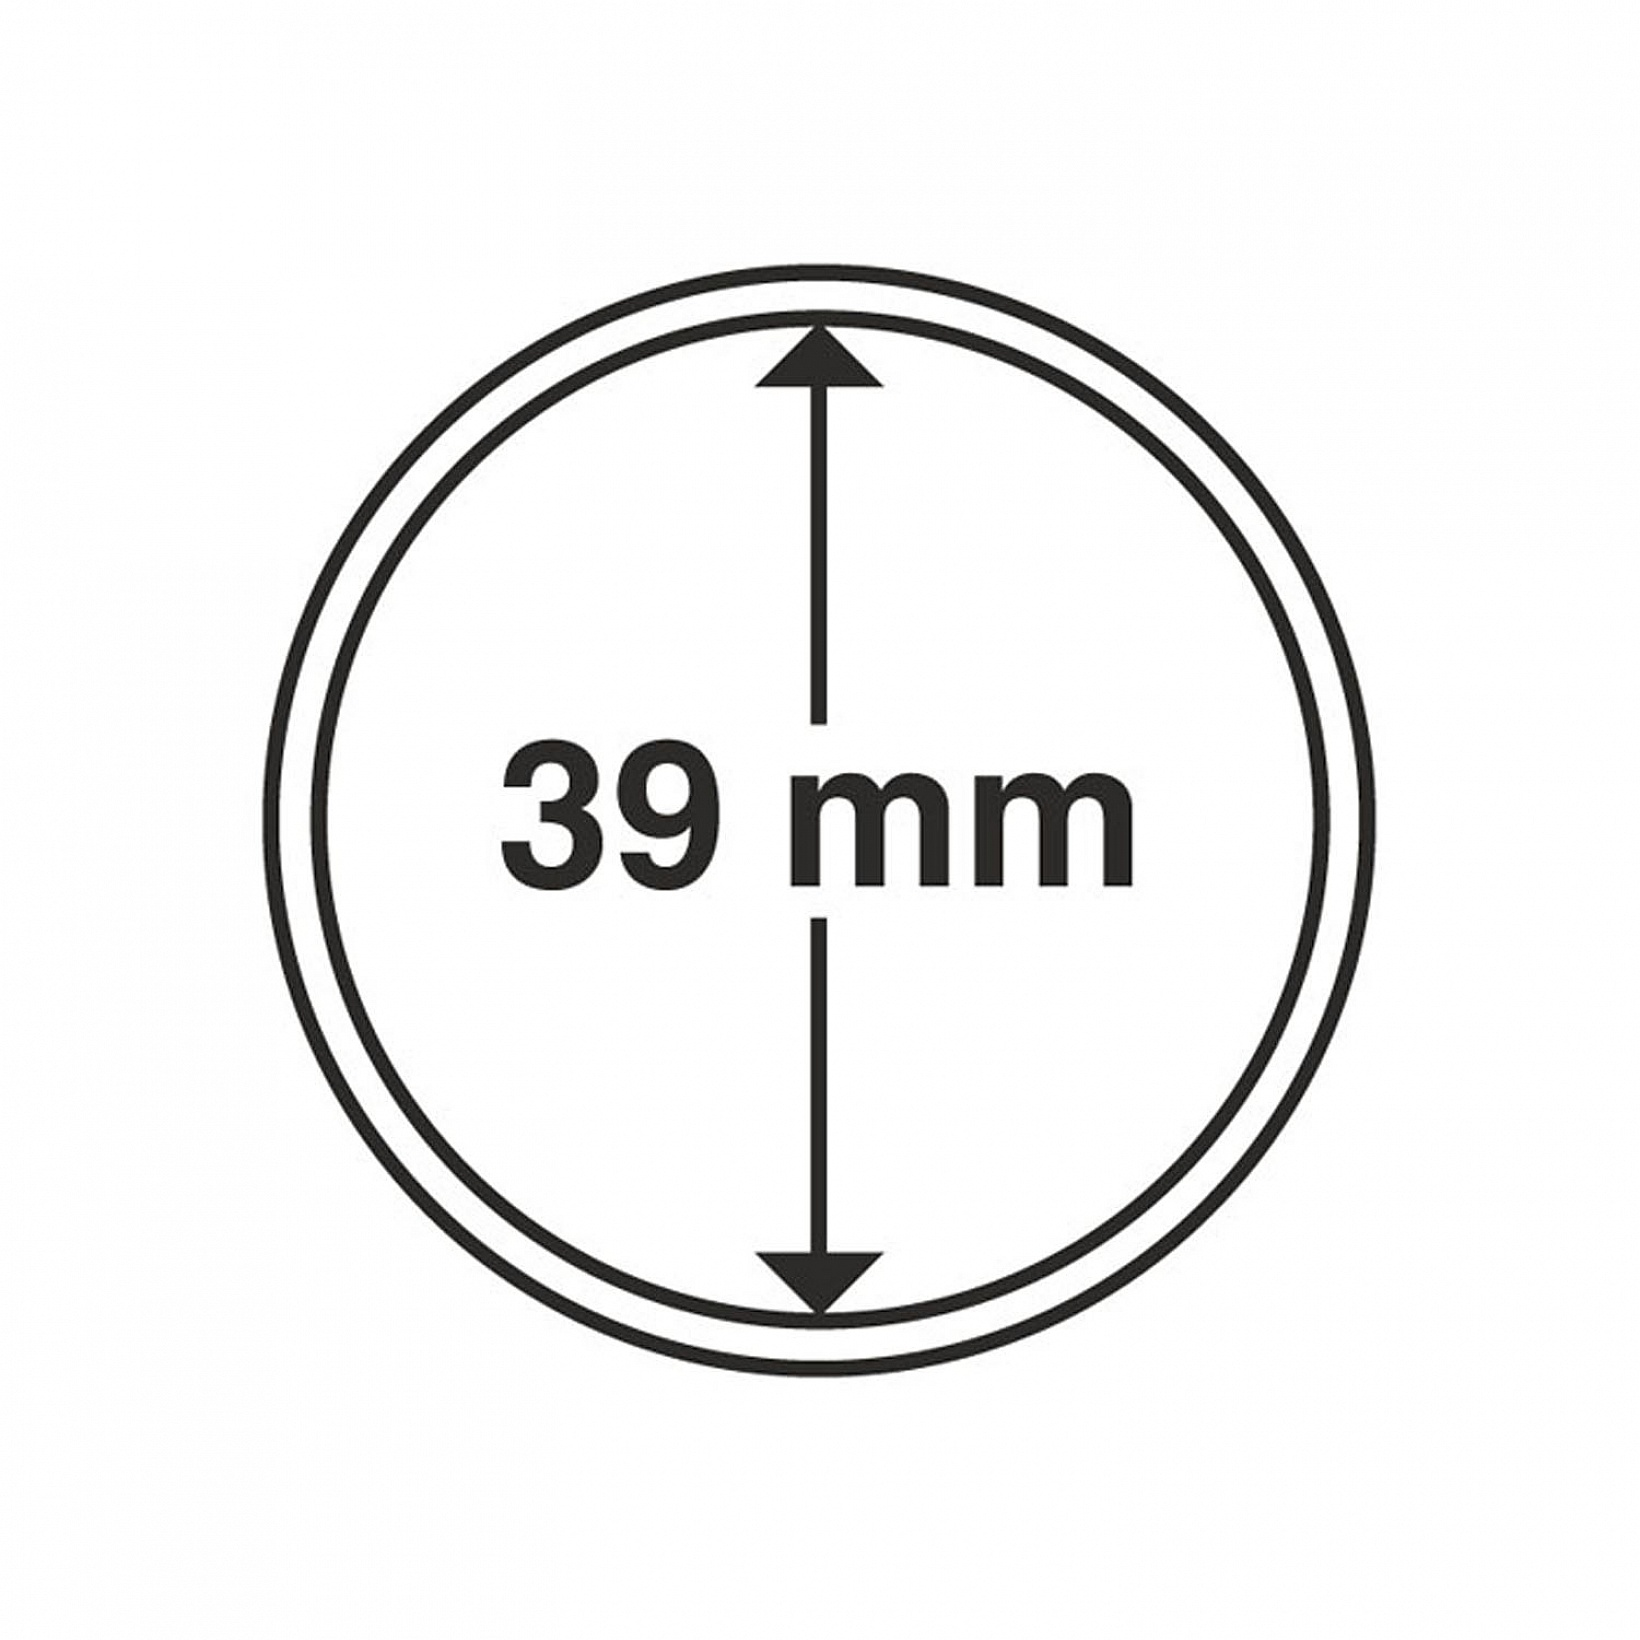 coin-capsules-inner-diameter-39-mm